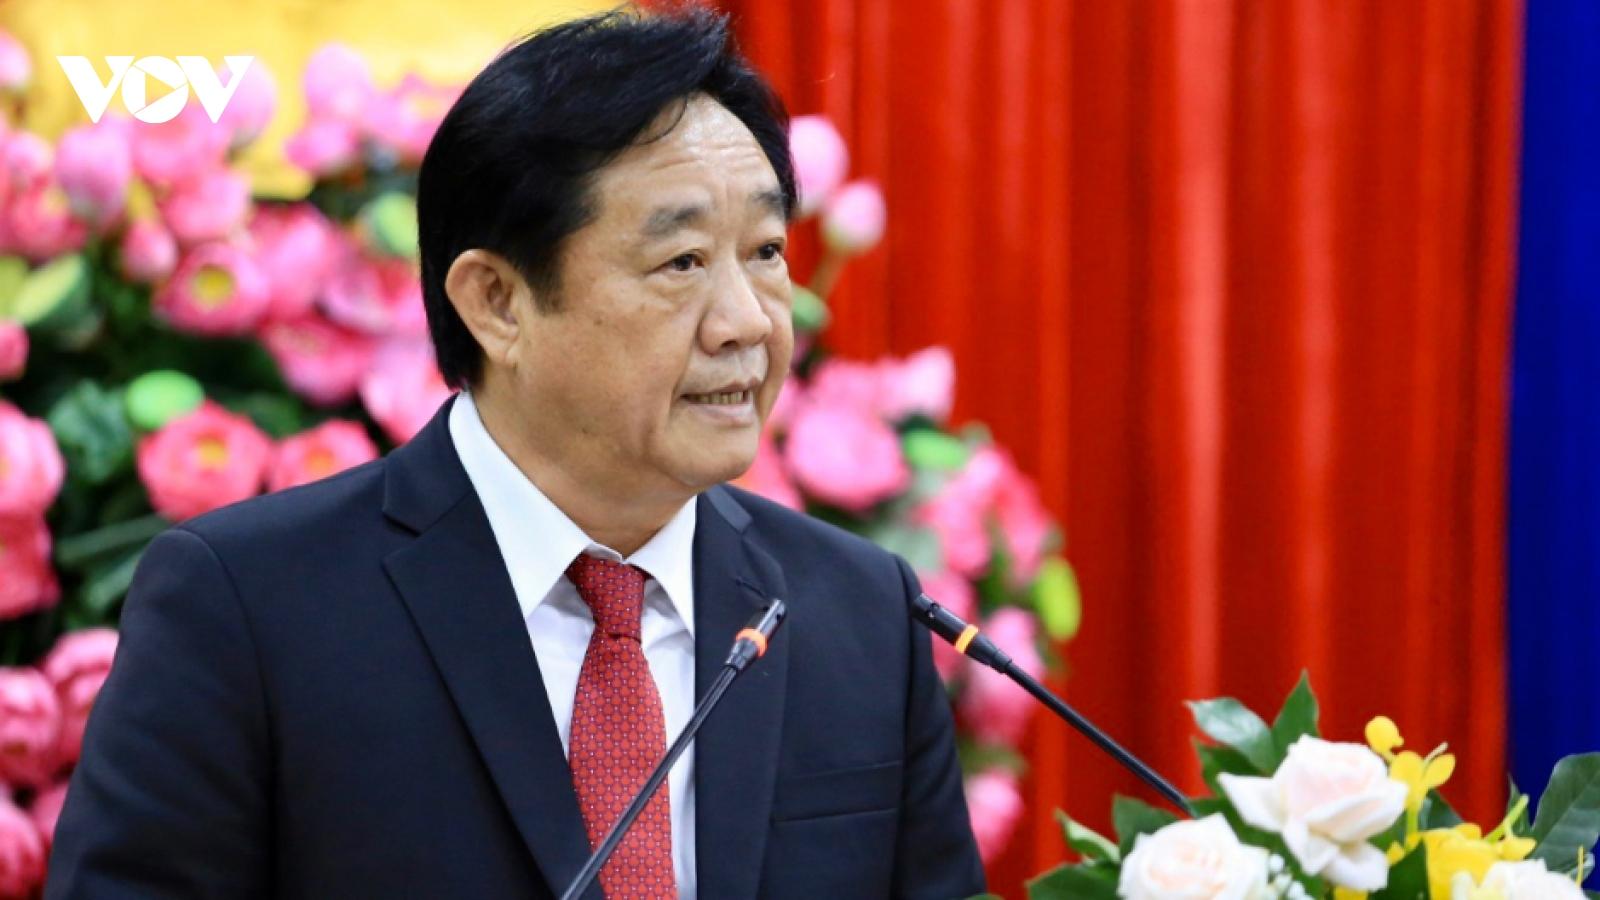 Chủ tịch tỉnh Bình Dương đề nghị hoãn họp vì nhiều cán bộ dự họp thay